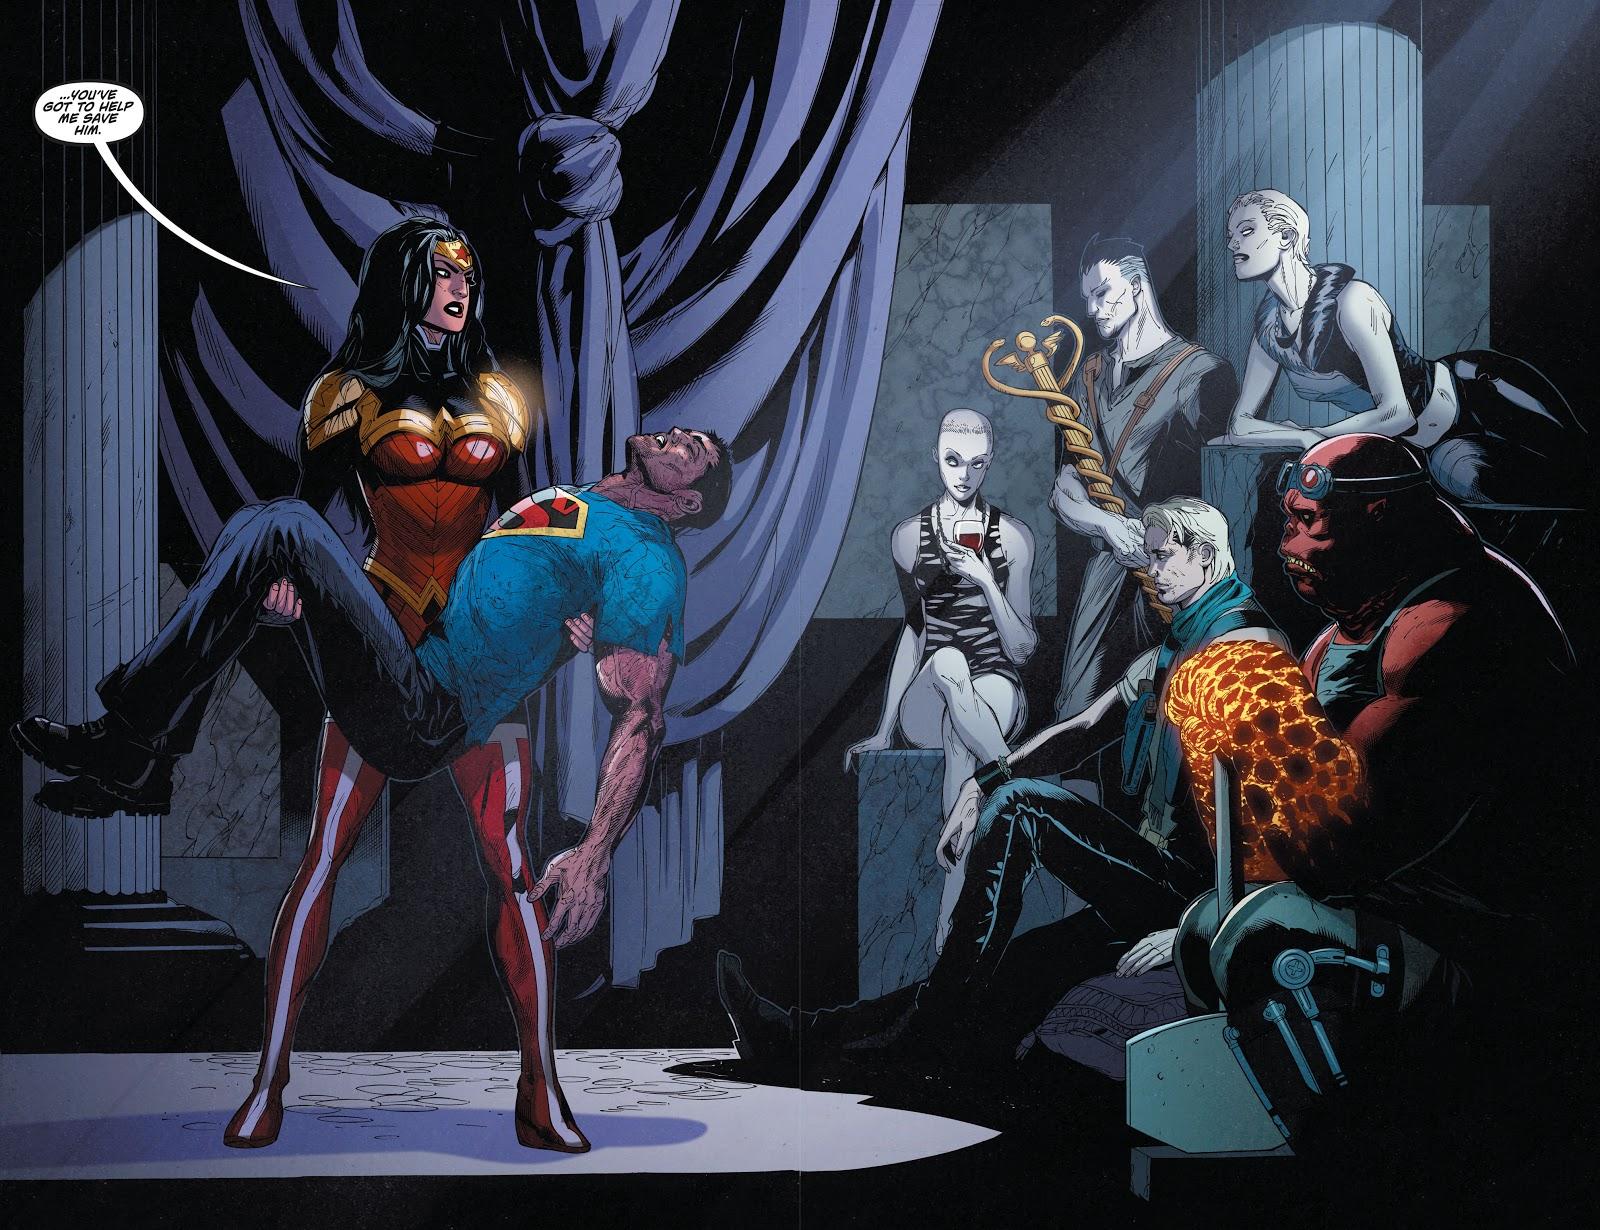 Superman Wonder Woman A Savage End review